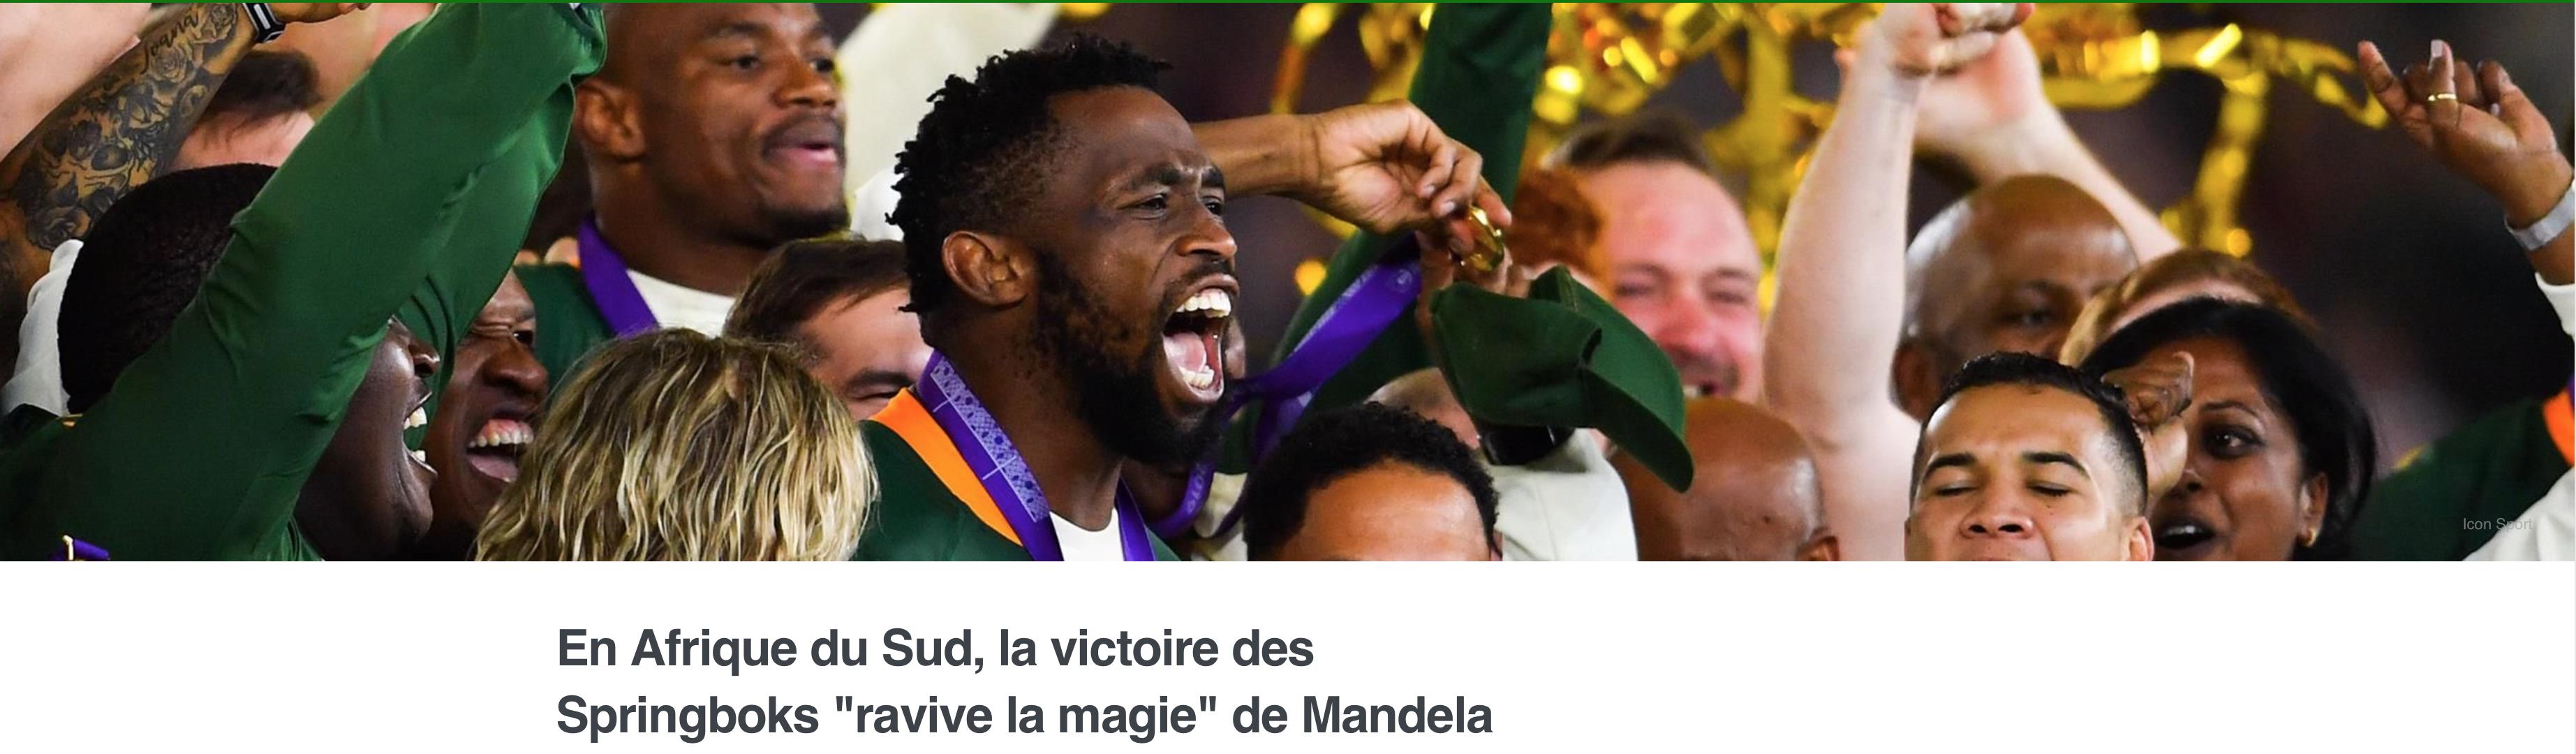 Afrique du sud : les journaleux de Rugbyrama obnubilés par la couleur de peau ne commentent pas le match